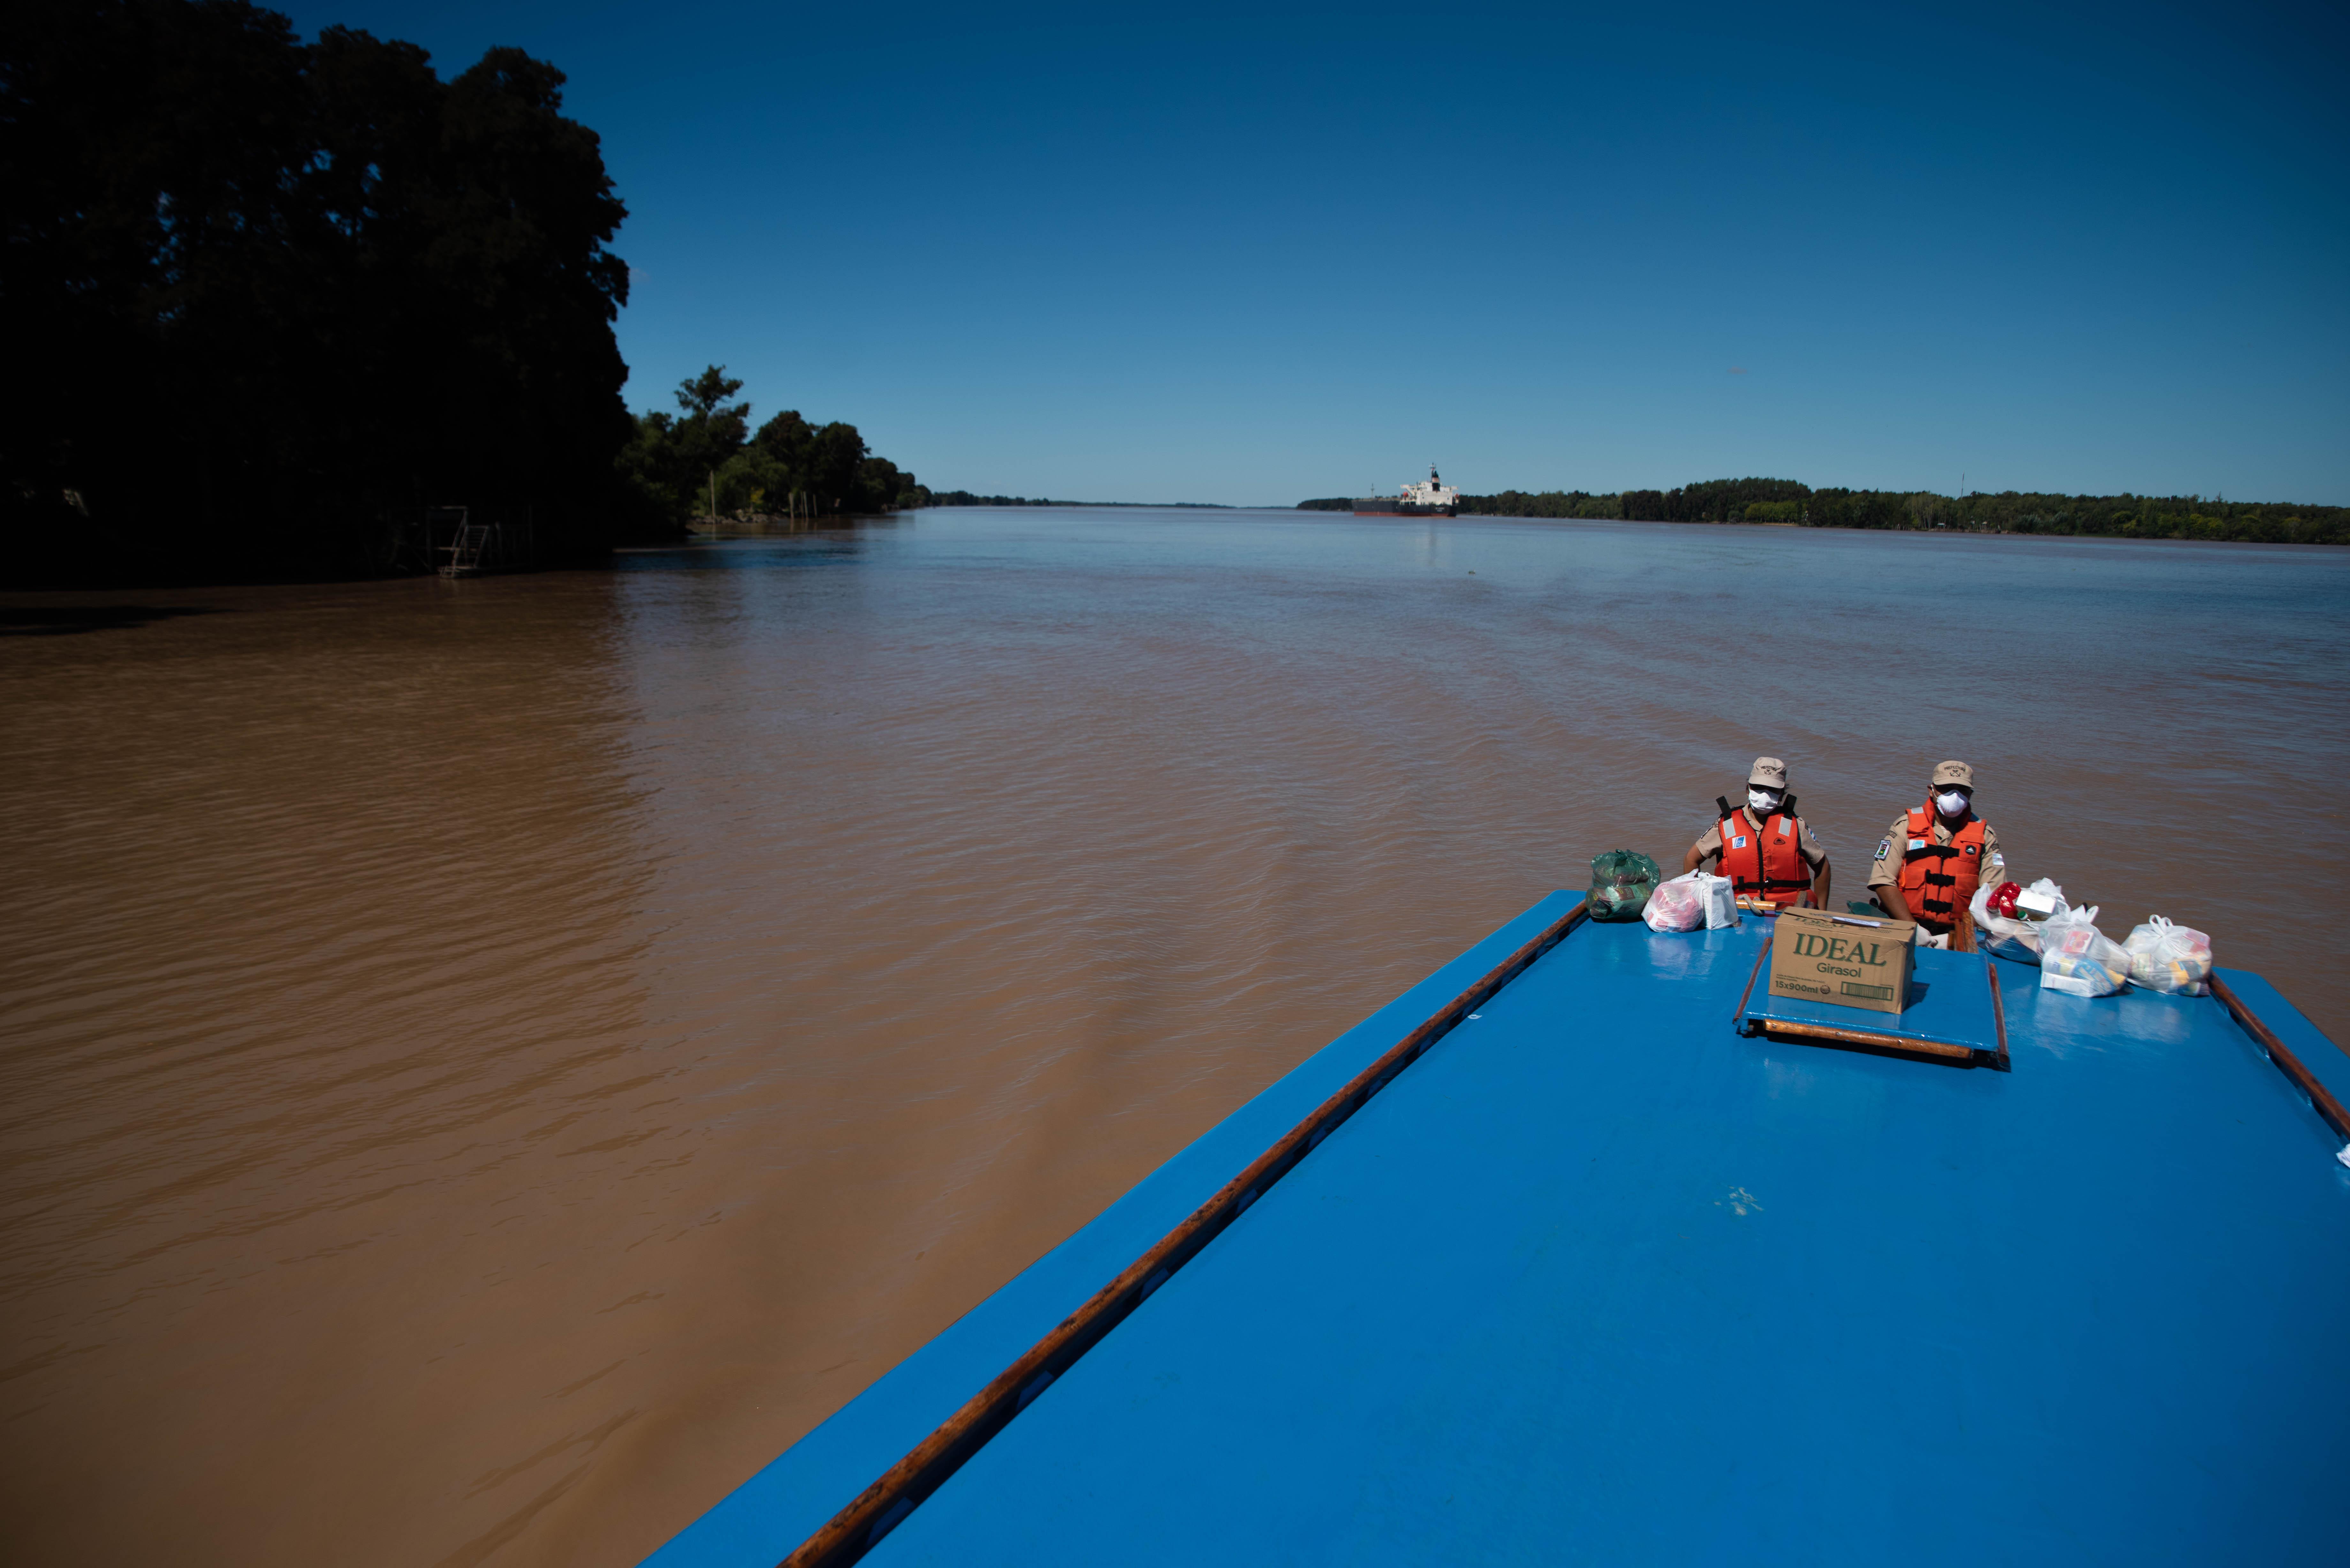 Una de las lanchas utilizadas para repartir los alimentos quedó prácticamente vacía al final del recorrido en el Río Paraná. (Foto: Franco Fafasuli)